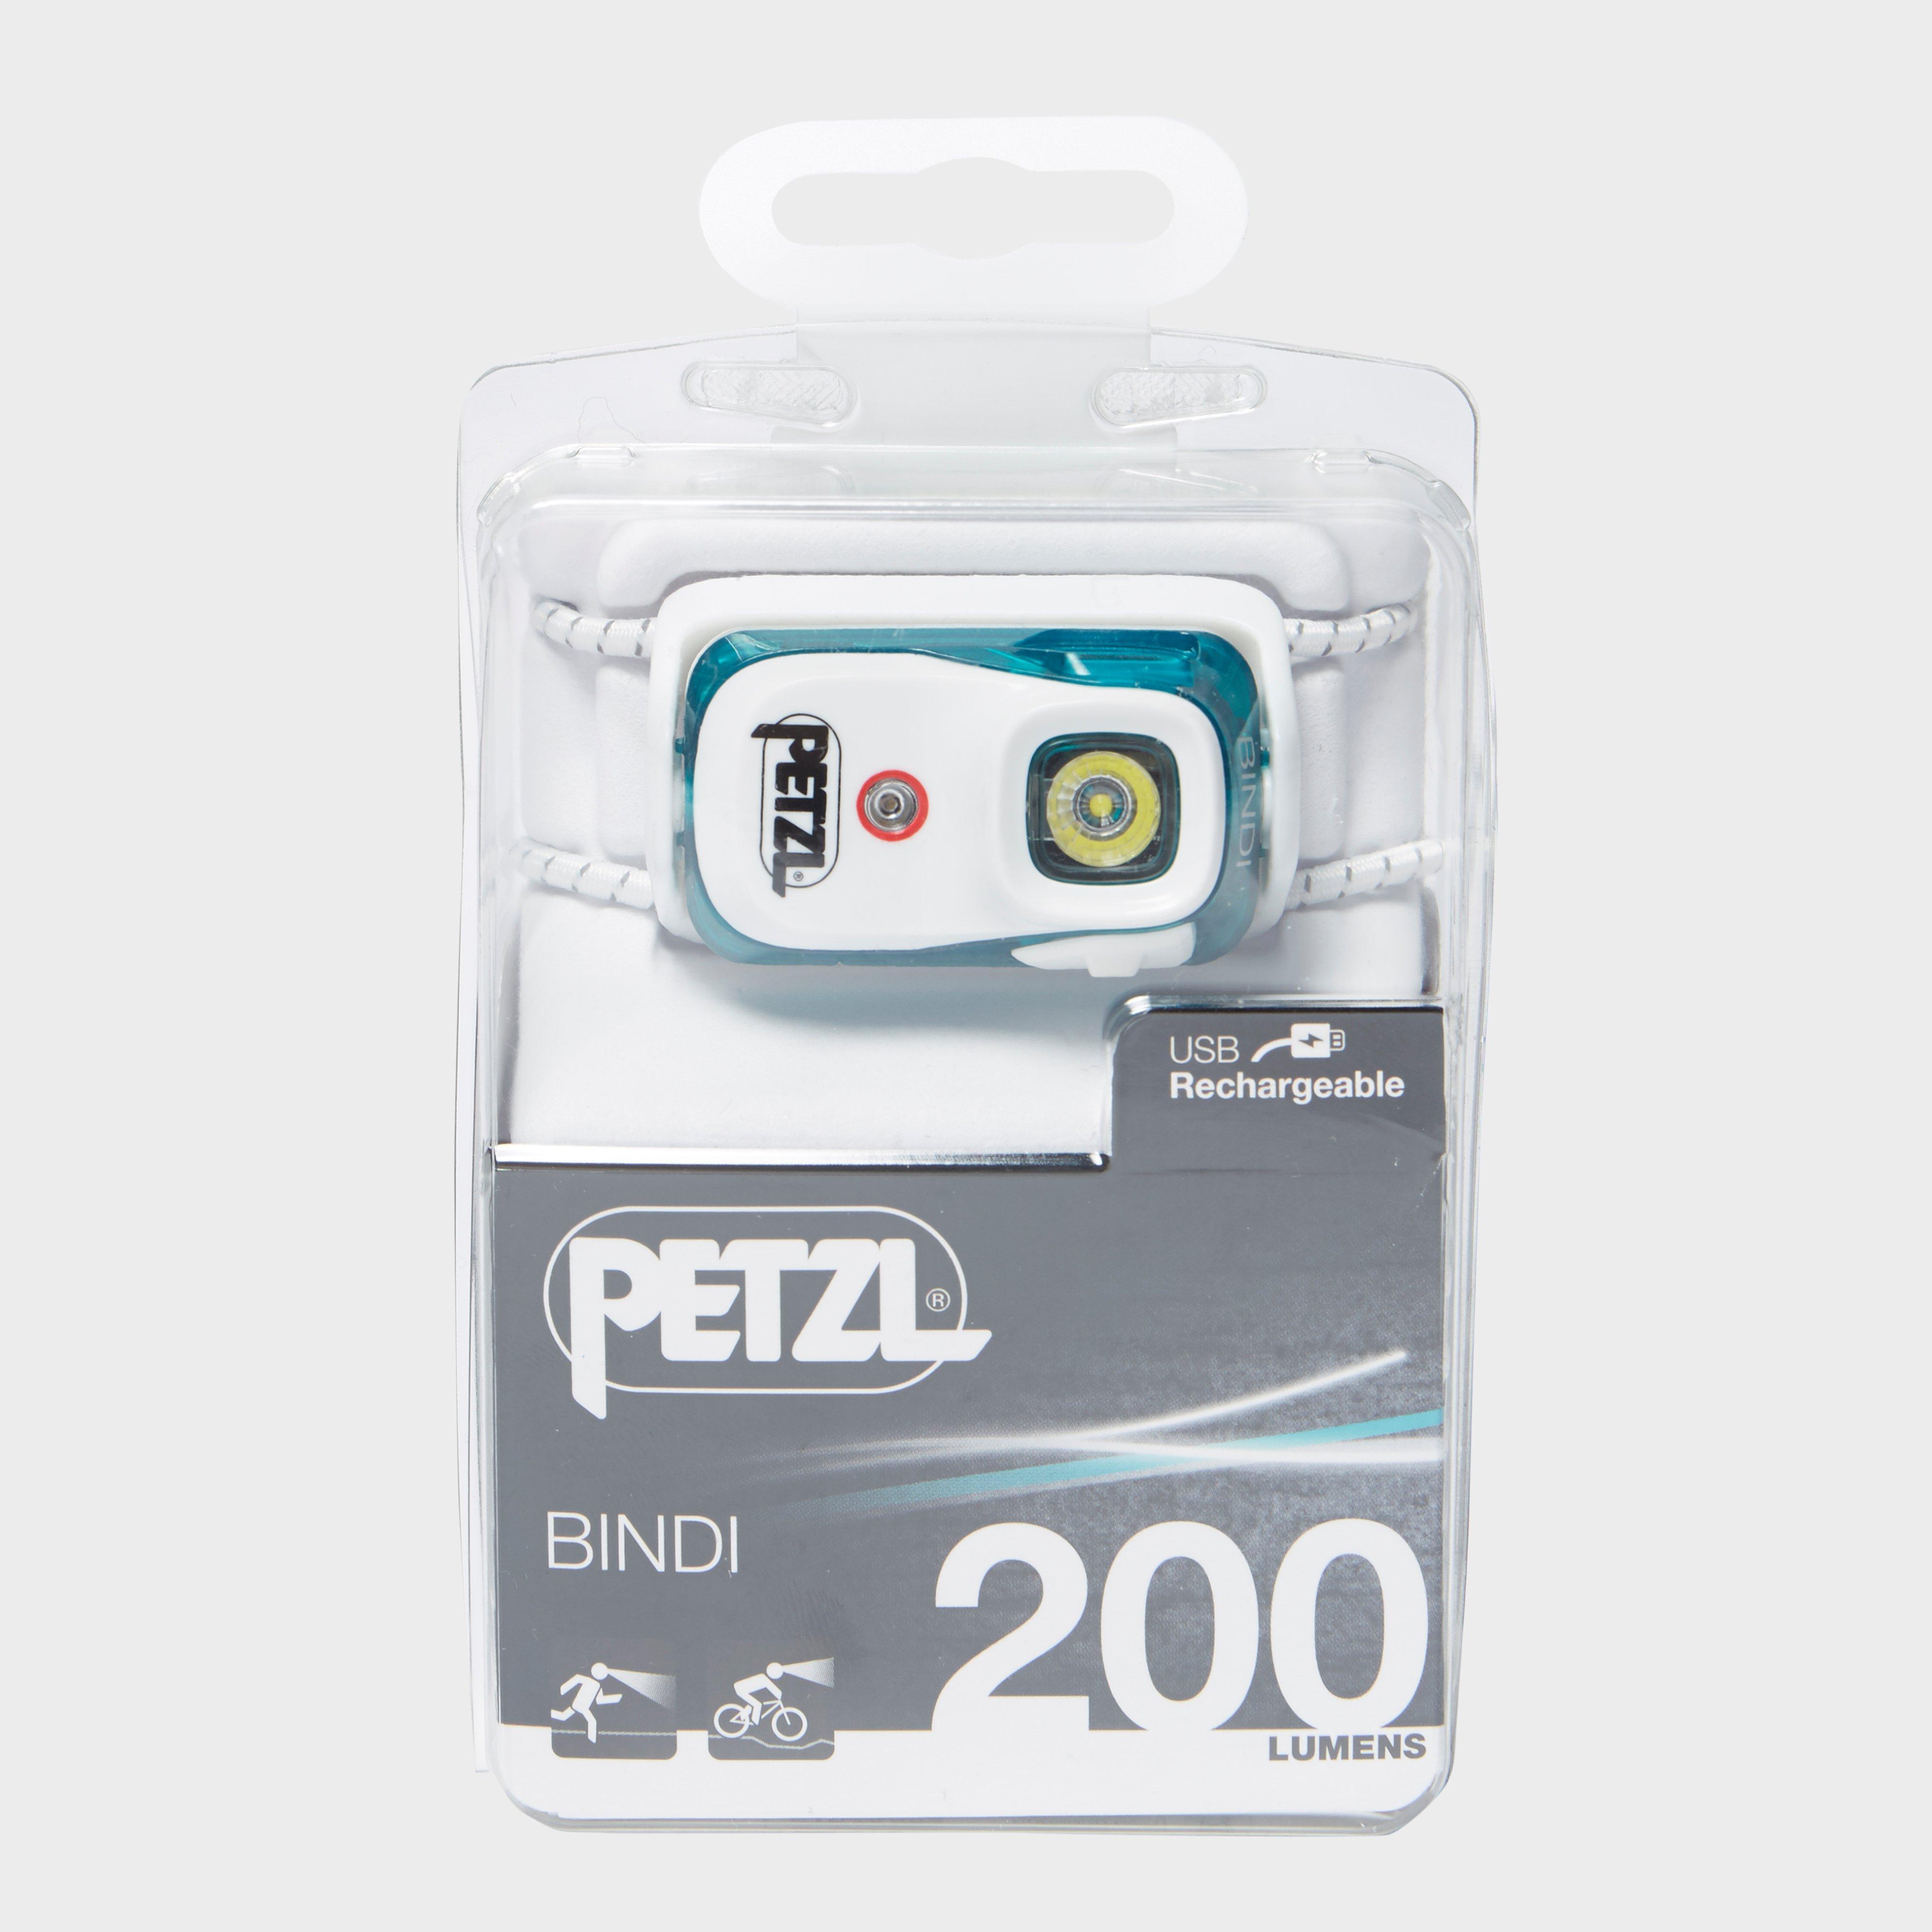 Petzl Petzl Bindi Headlamp - White, White